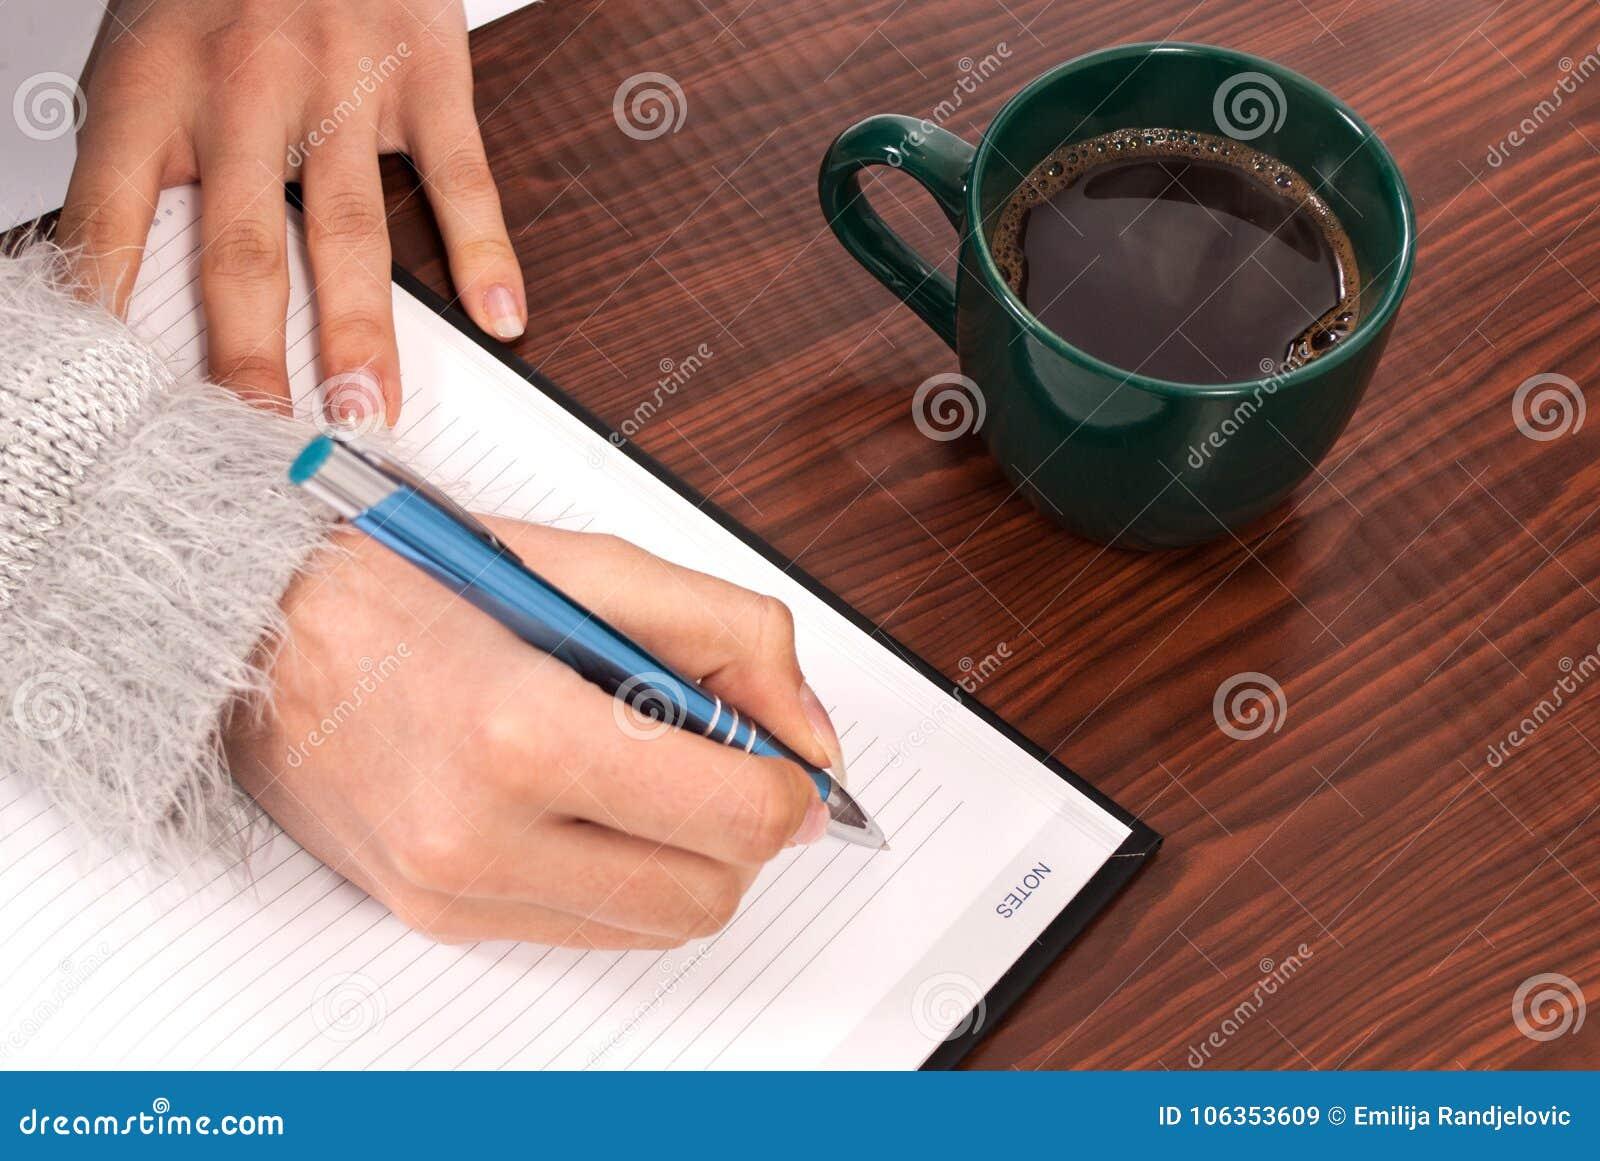 Οι γυναίκες που γράφουν στο σημειωματάριο στο ξύλινο γραφείο και πίνουν τον καφέ